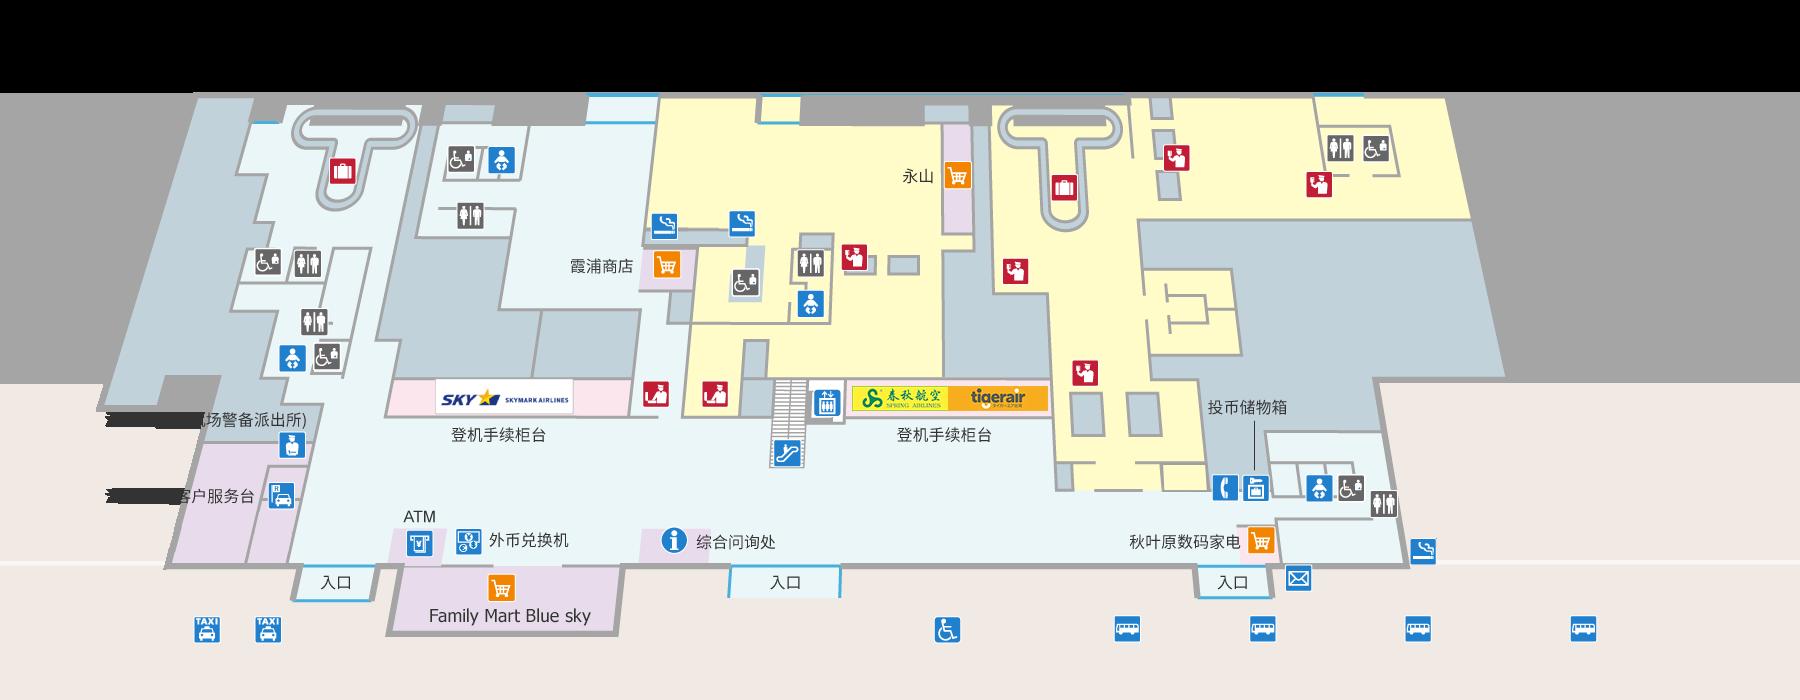 1楼的服务设施、设备